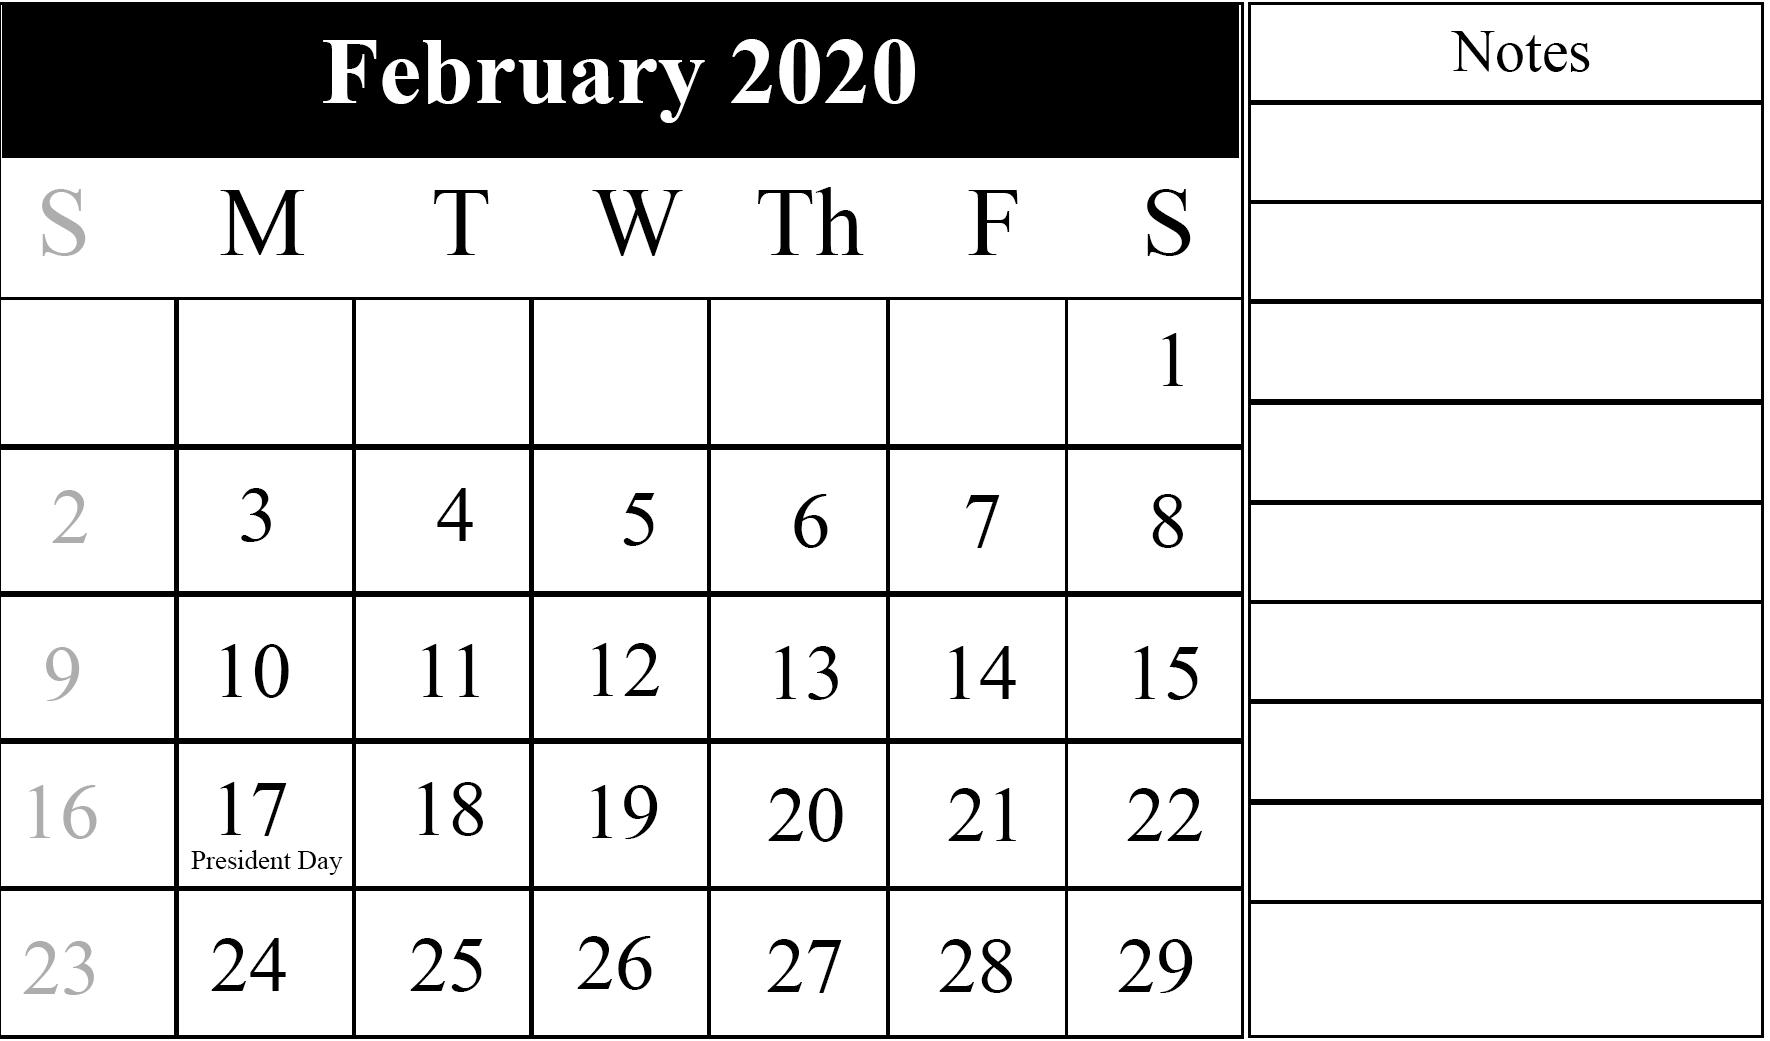 February 2020 Holidays Calendar